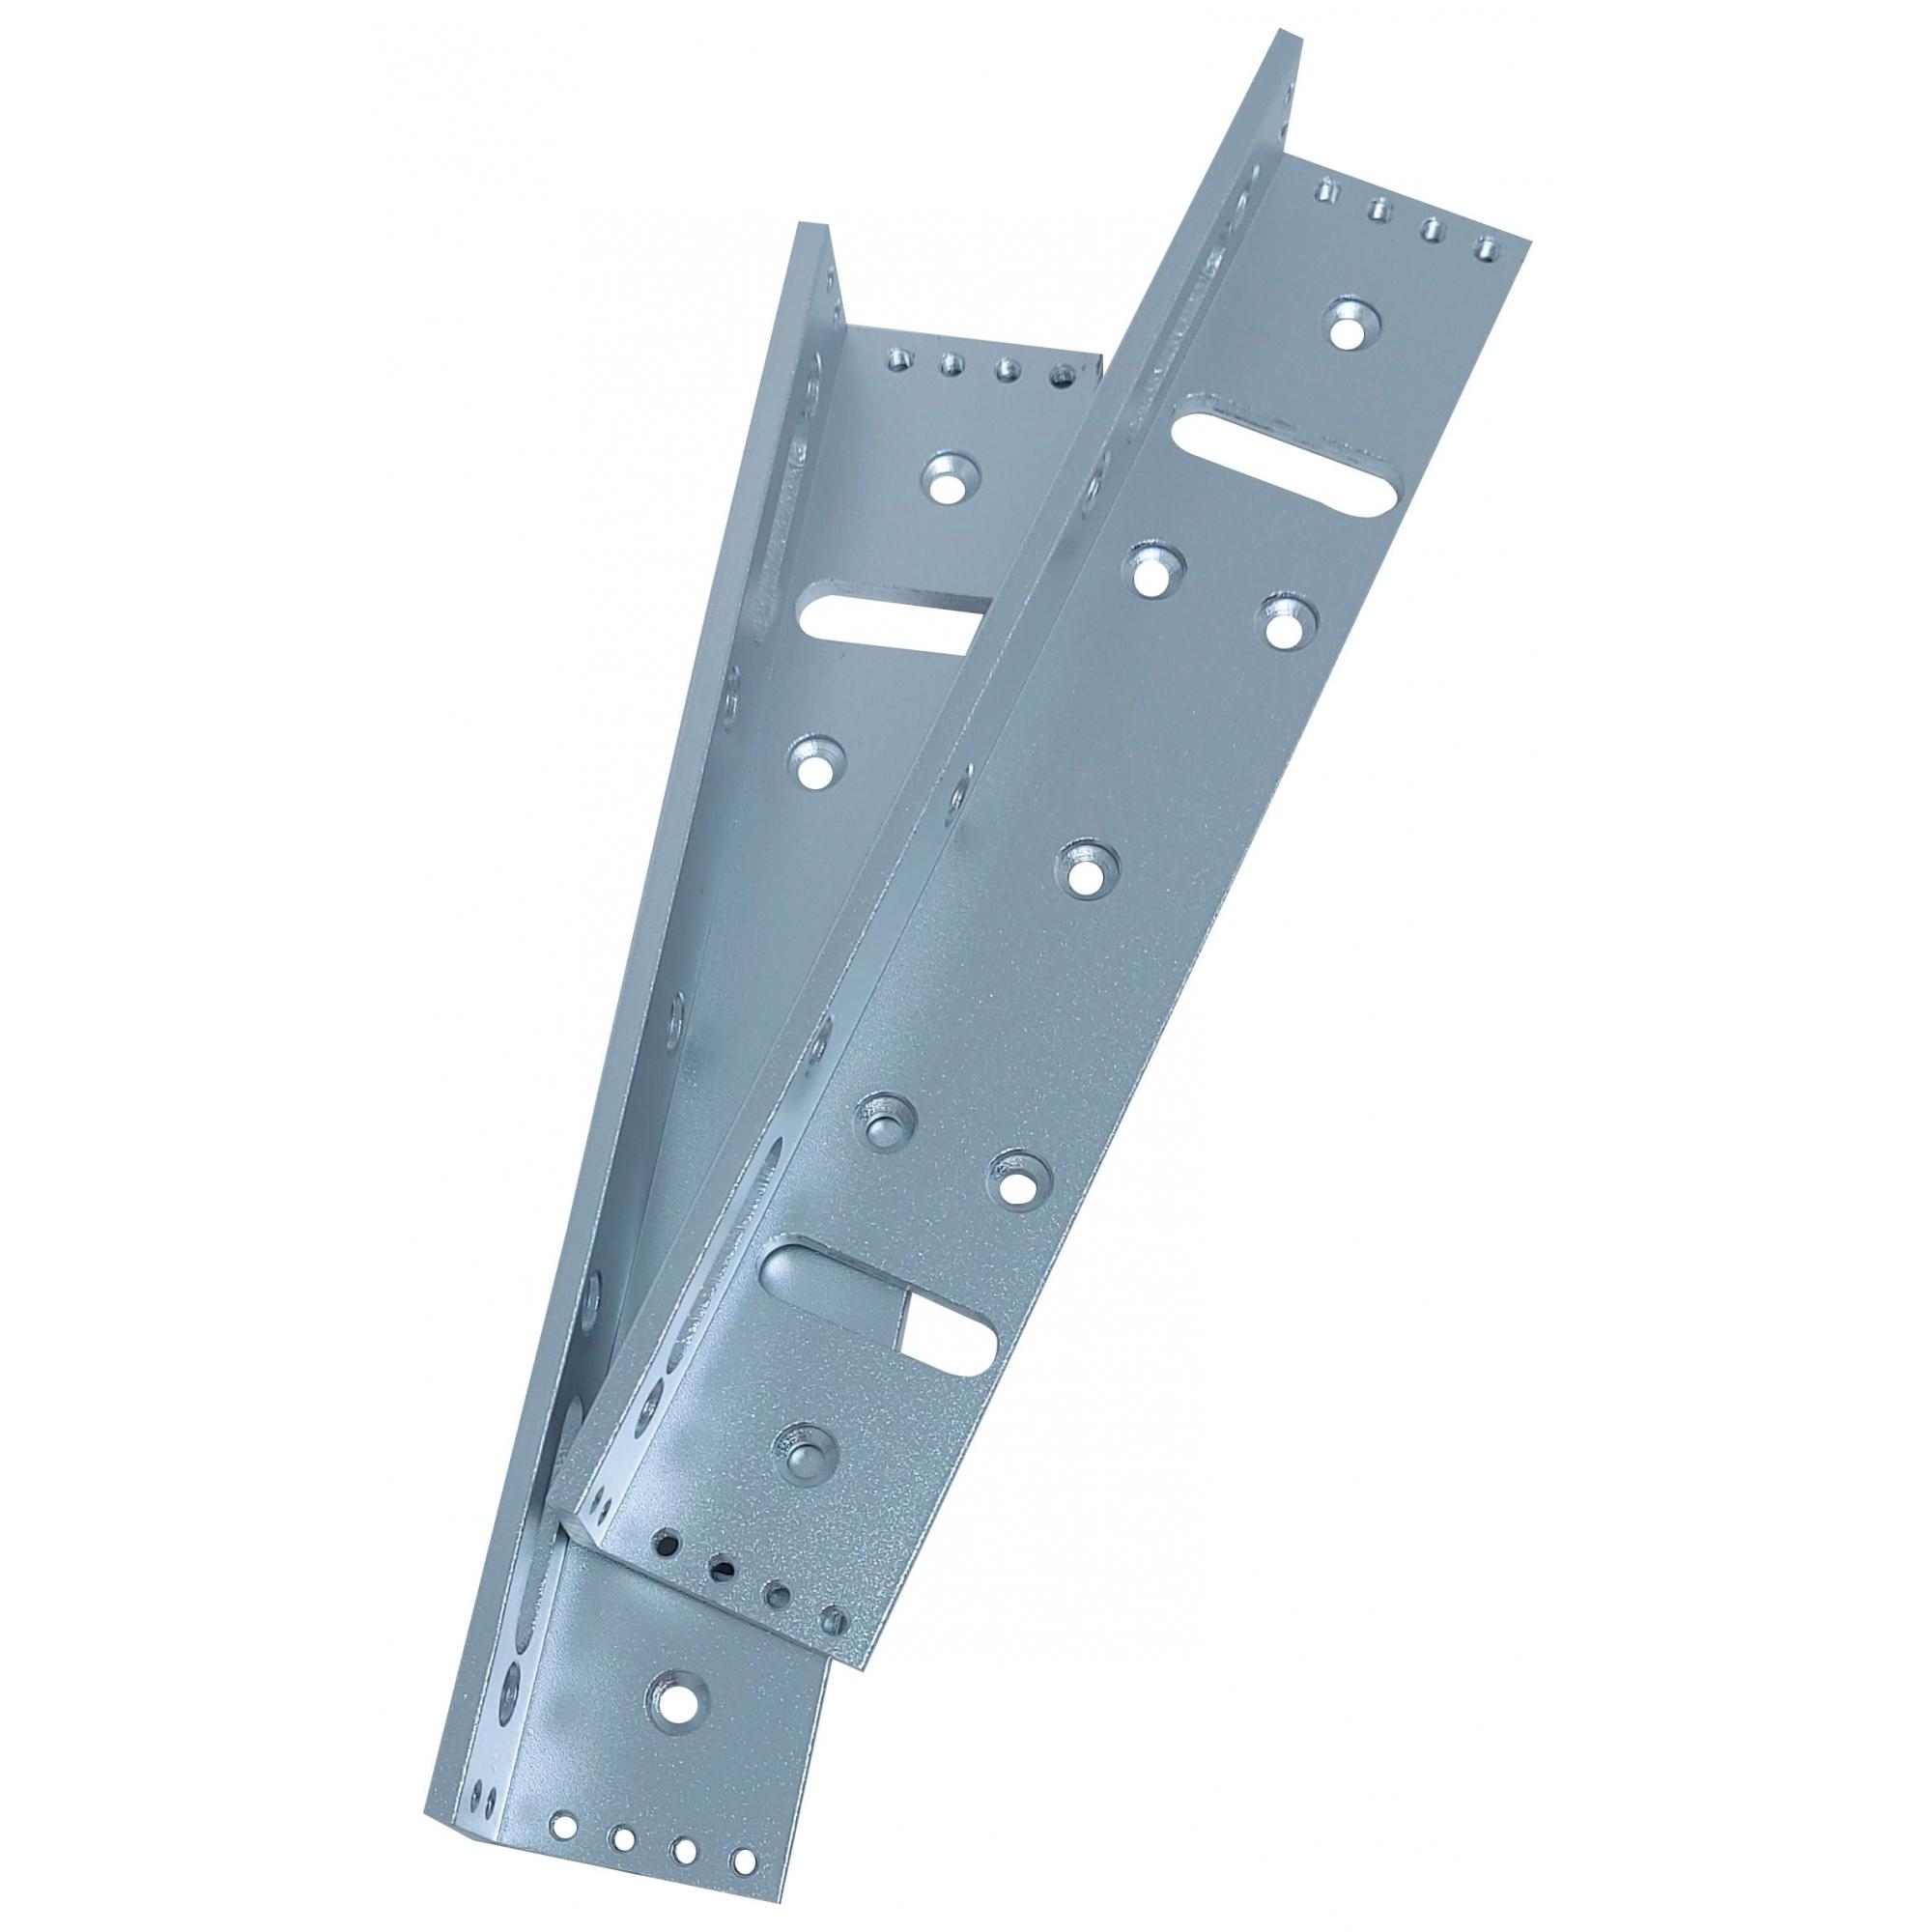 Fecho Batente Eletro - Magnético L com capacidade até 280KG - 20538